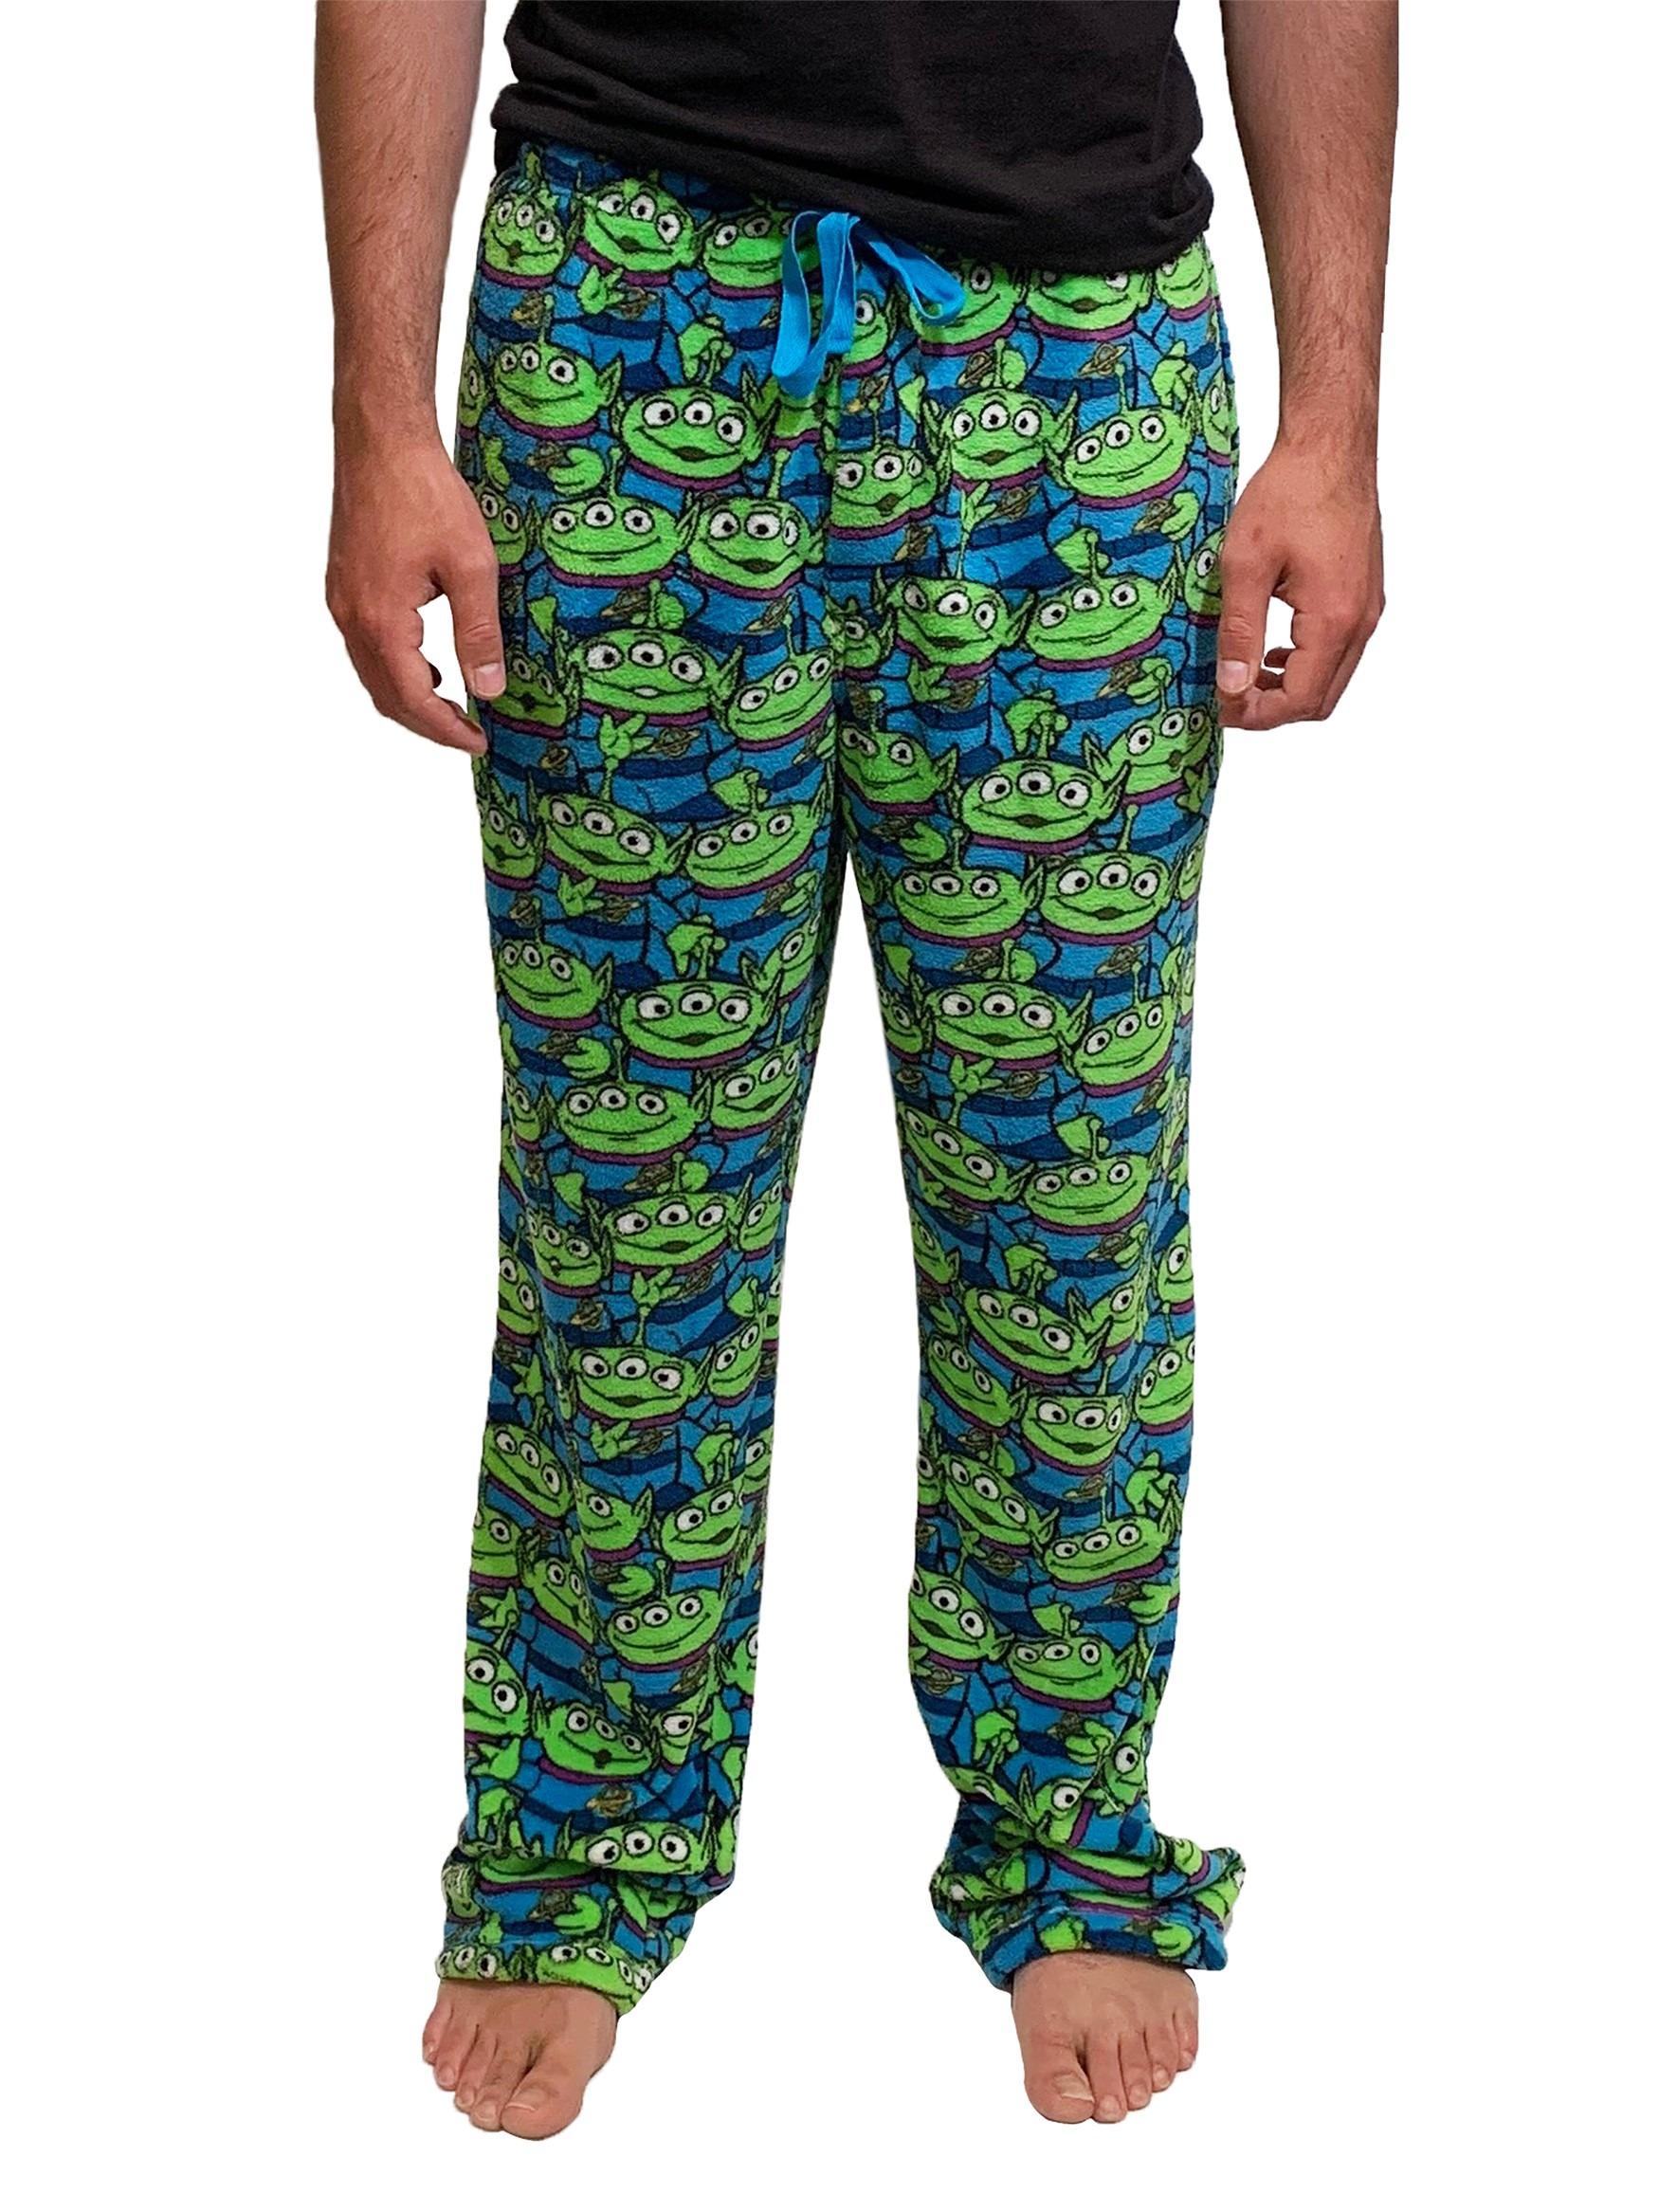 Toy Story Men's Little Green Alien Soft Lounge Pants